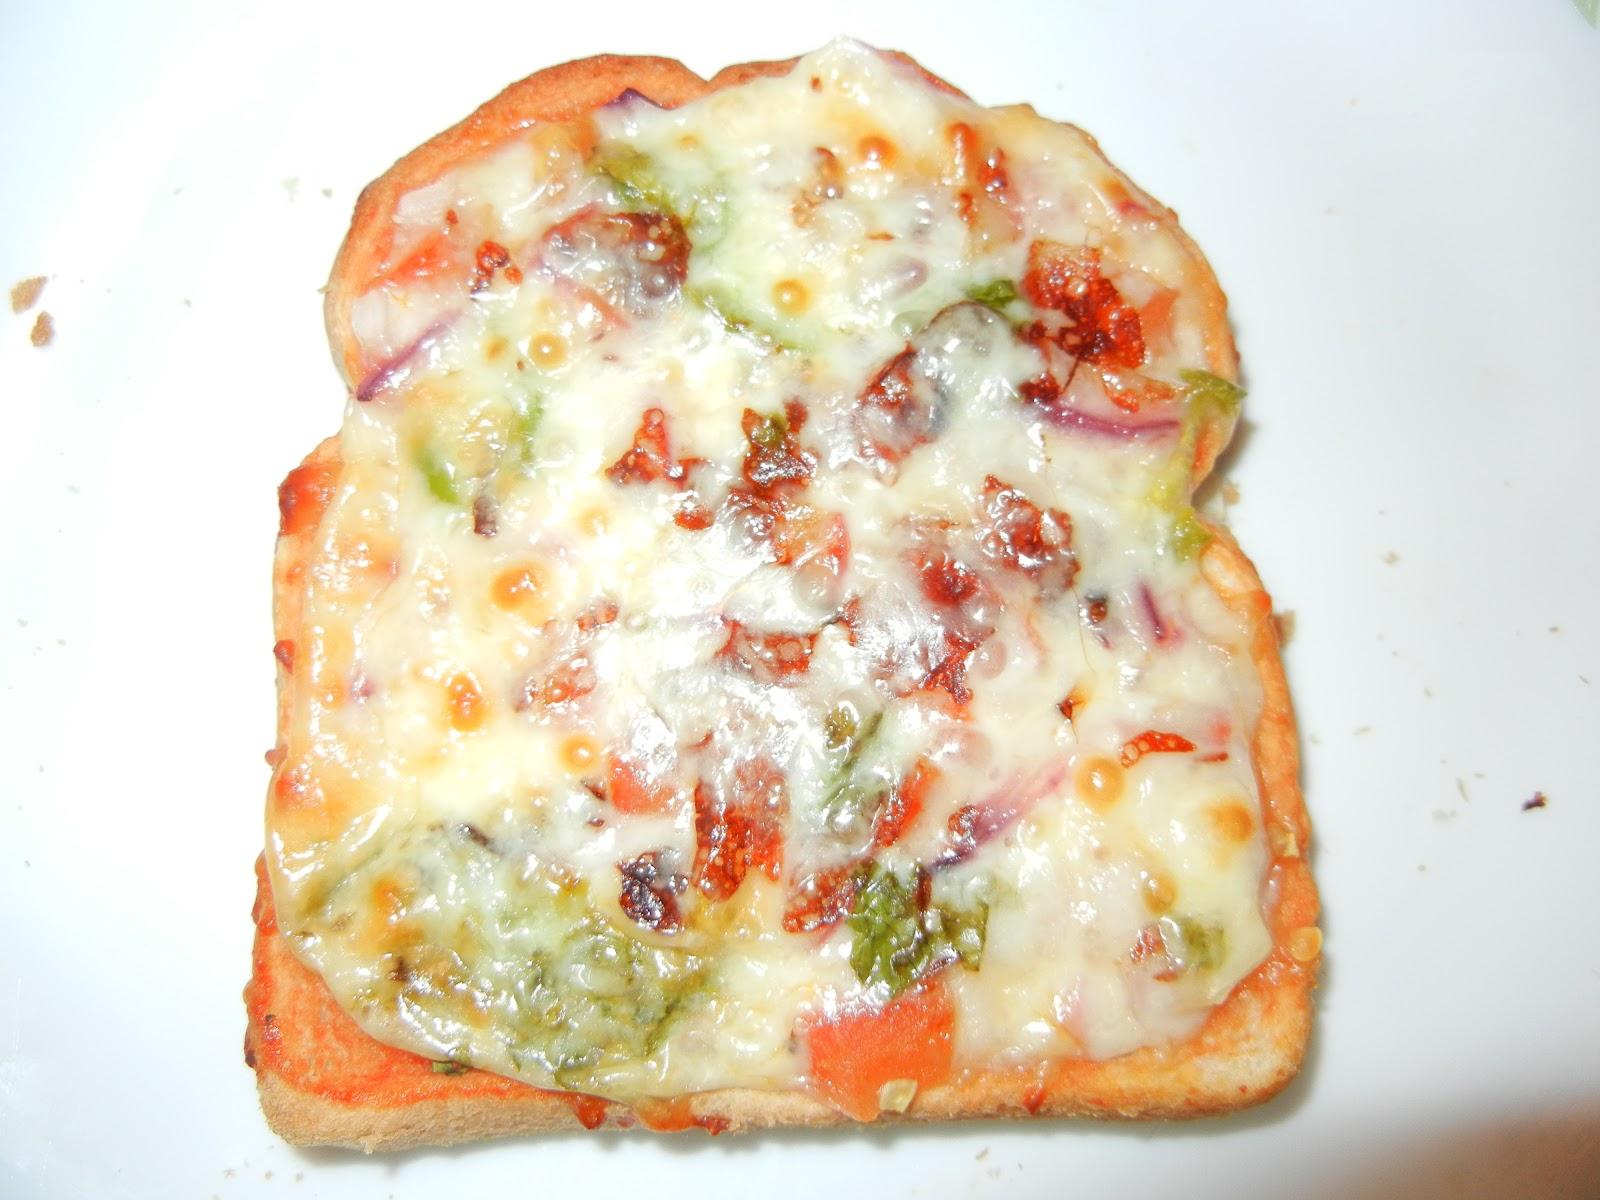 ... bread chocolate chip bread bread of the wild veldt bread bread pizza